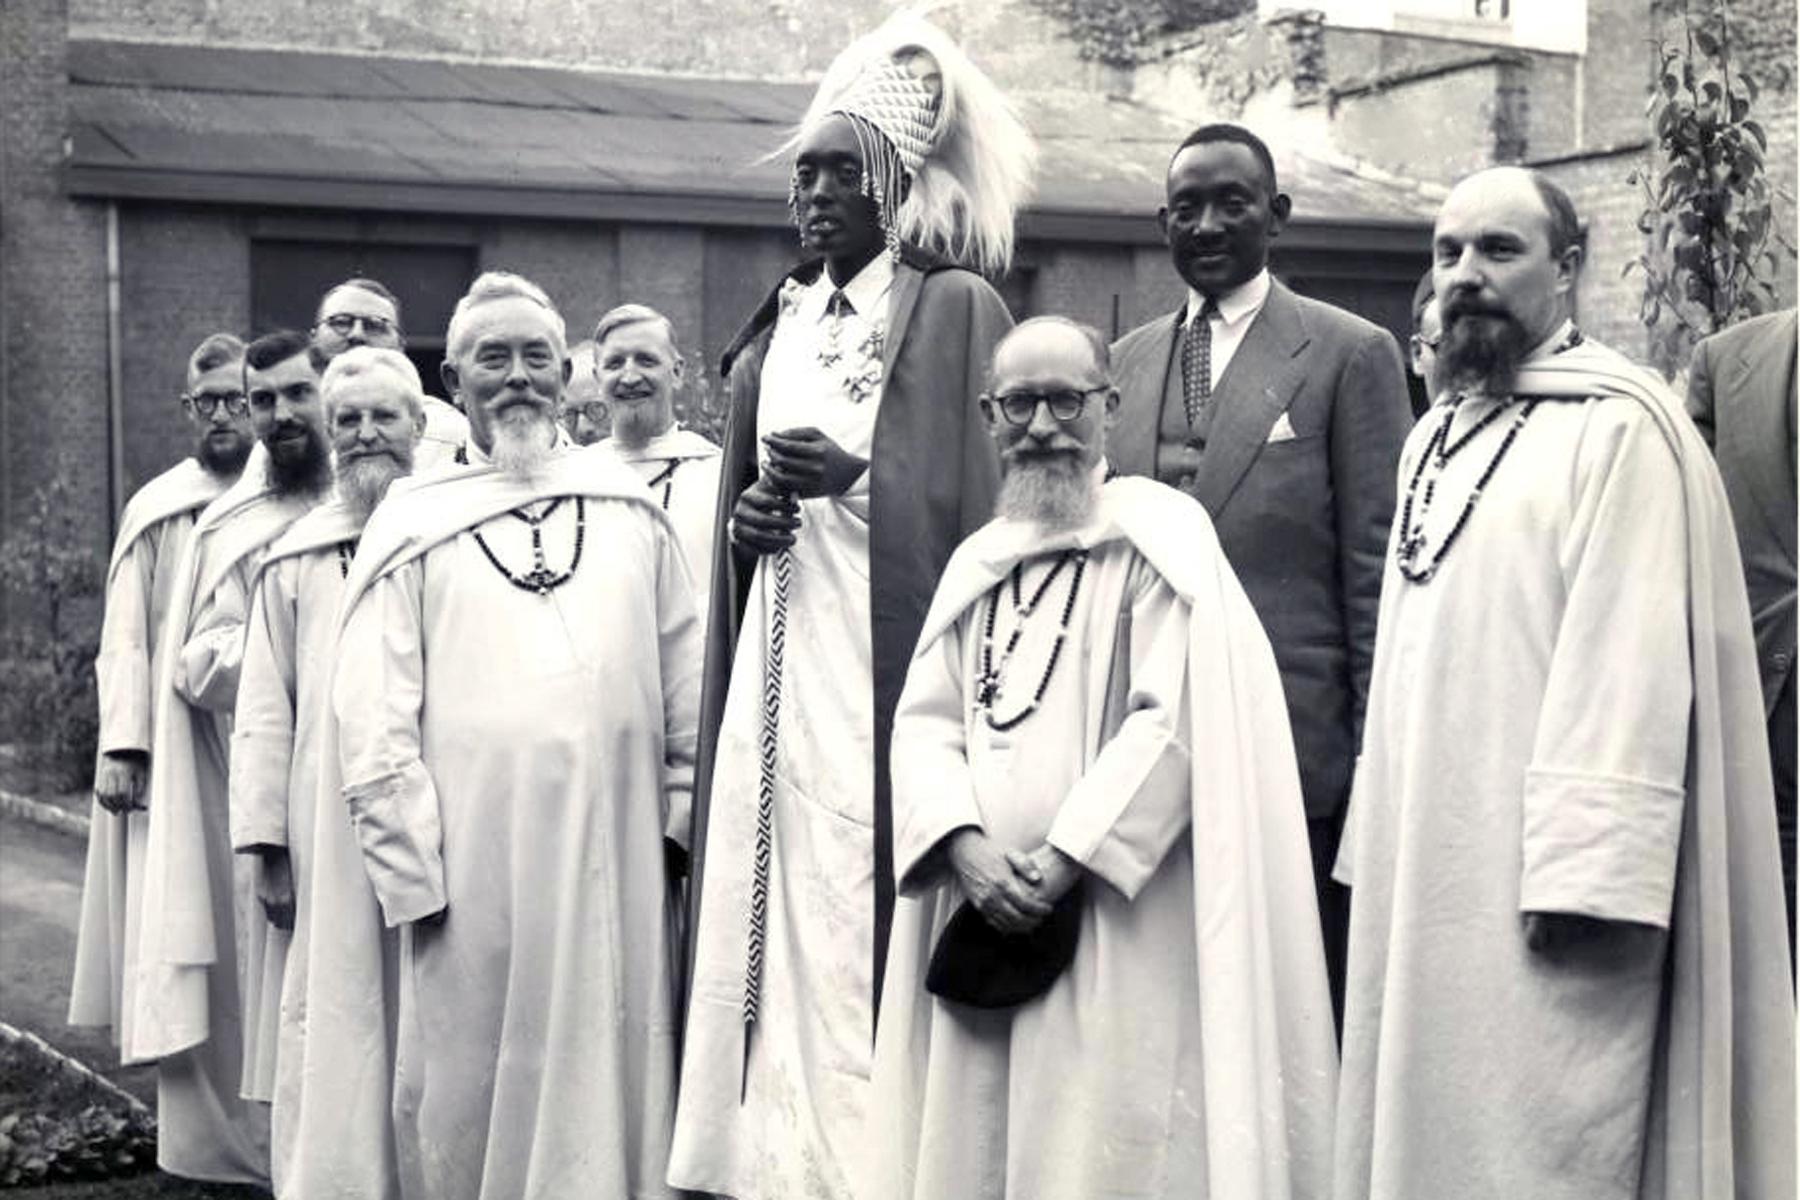 Après la déchéance de Musinga en 1931, Mutara Rudahigwa, un de ses fils fut  désigné comme son successeur par les autorités mandataires belges sous l'influence des missionnaires. Scholastique Mukasonga, Rwanda